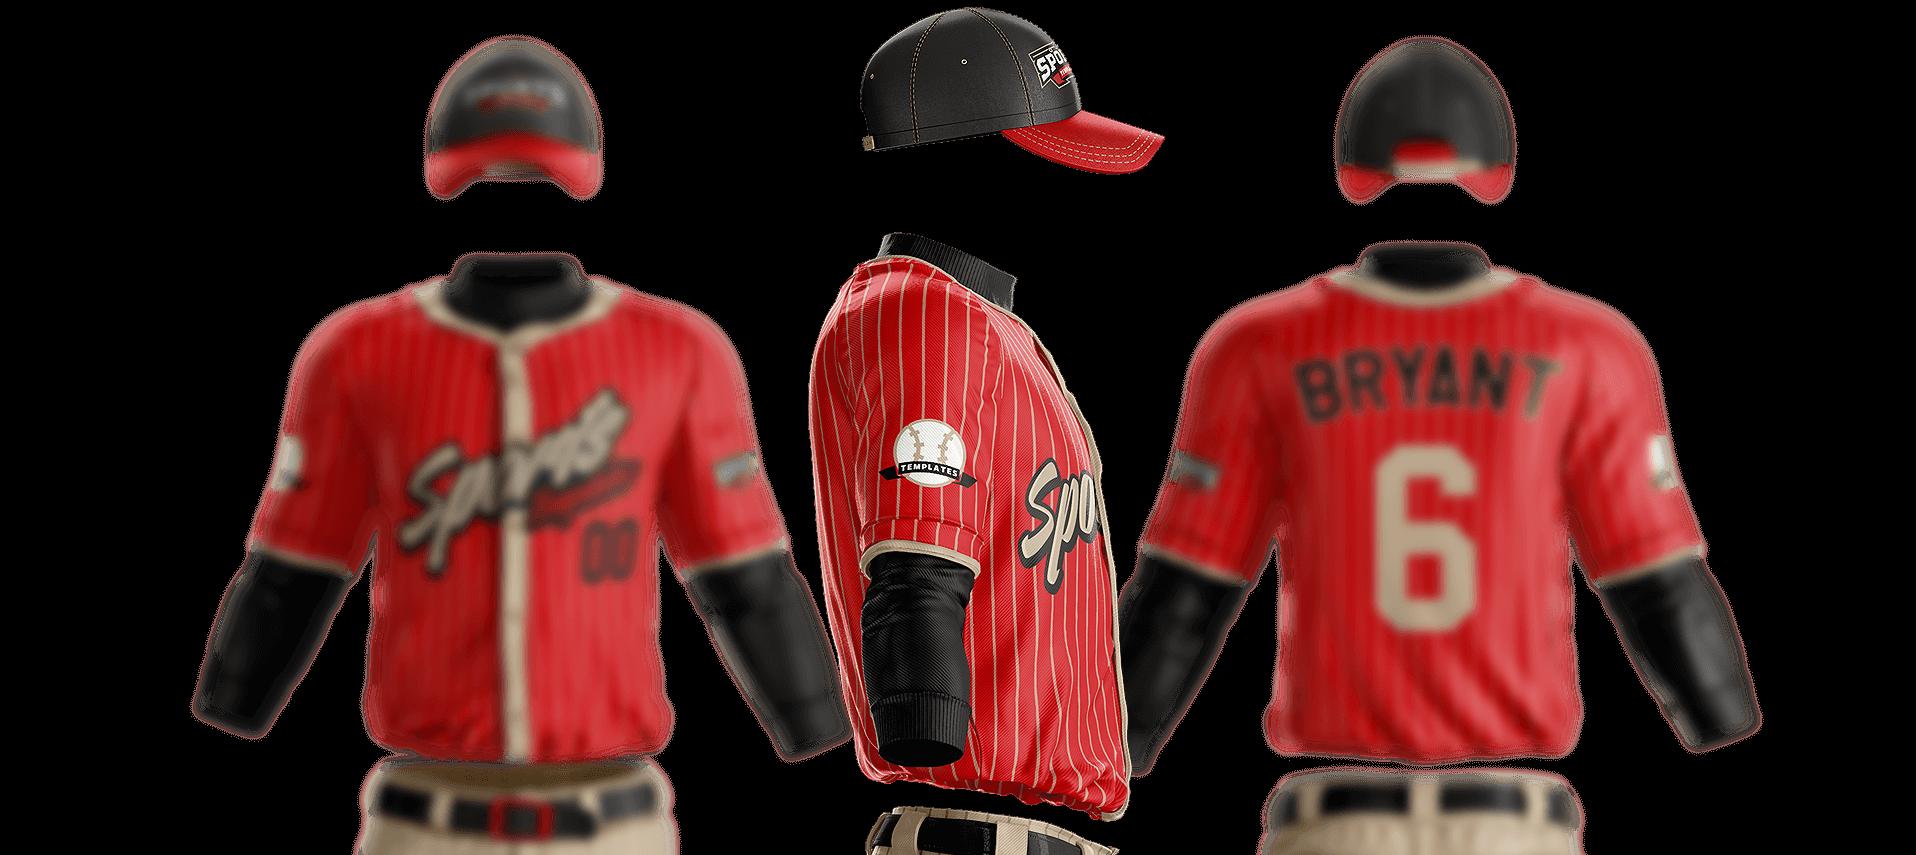 164e097061d Grand Slam Baseball Uniform Template